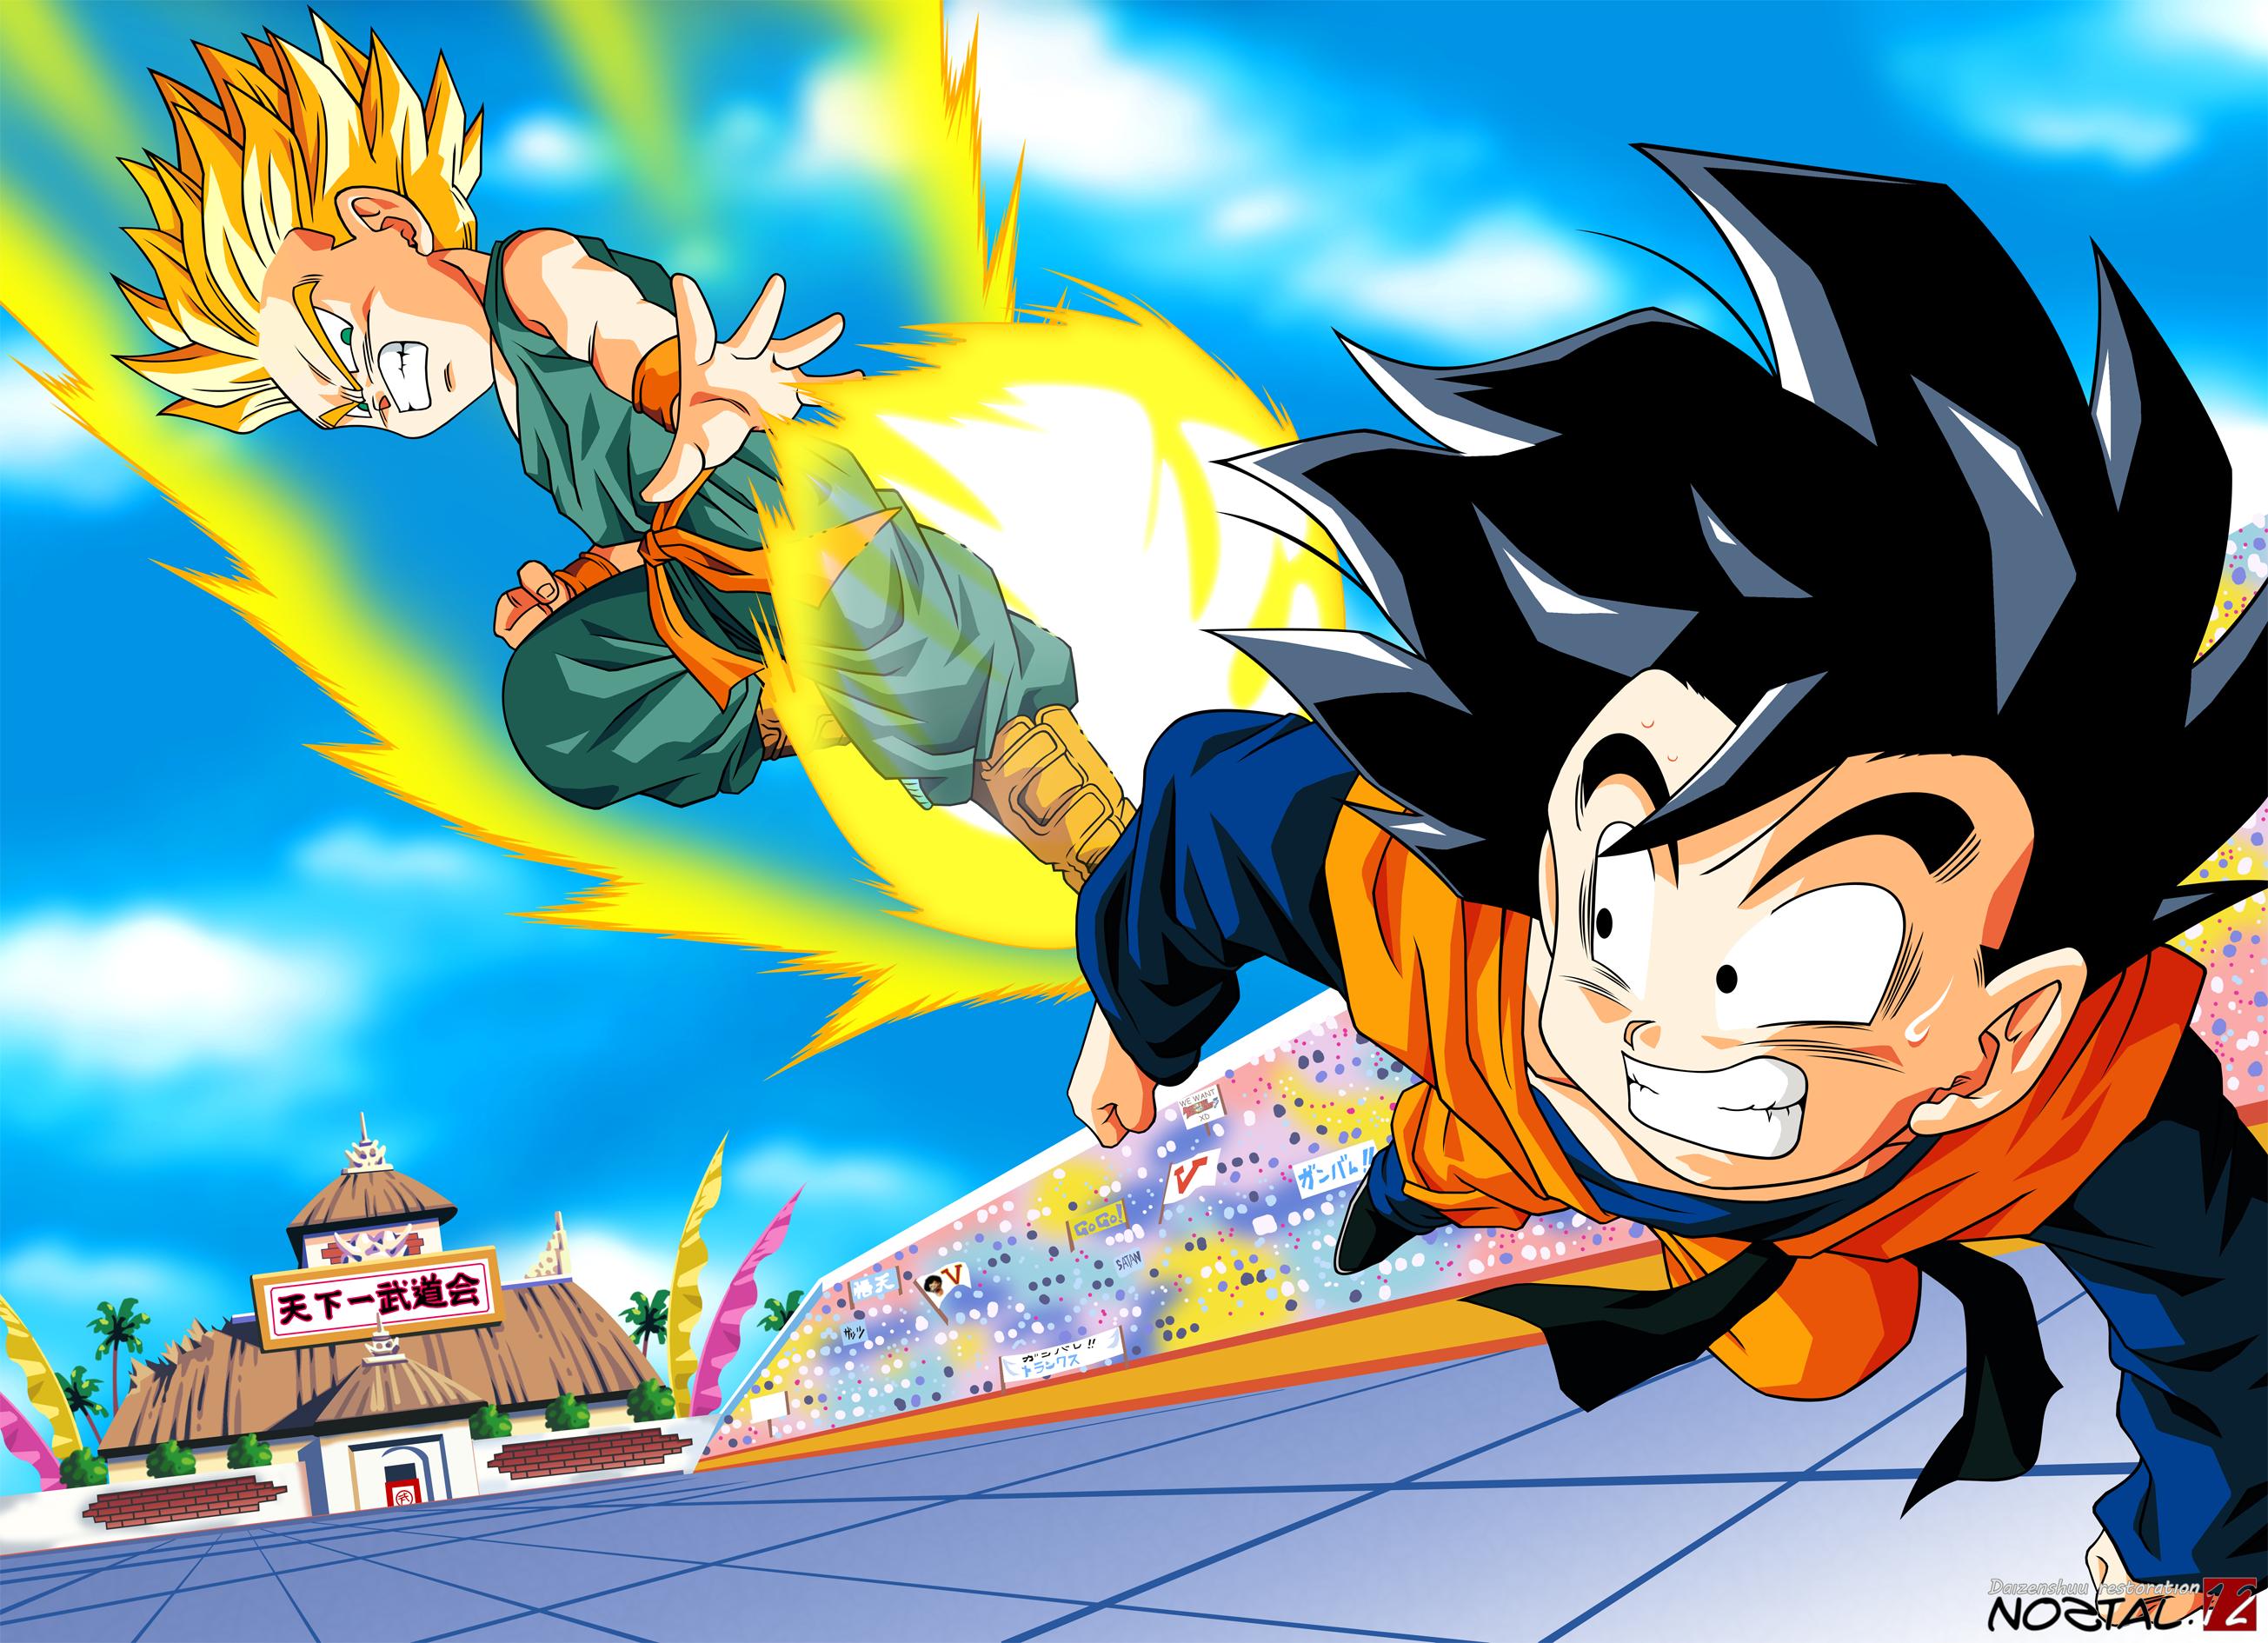 Dragon ball z image 2081706 zerochan anime image board - Dragon ball z image ...